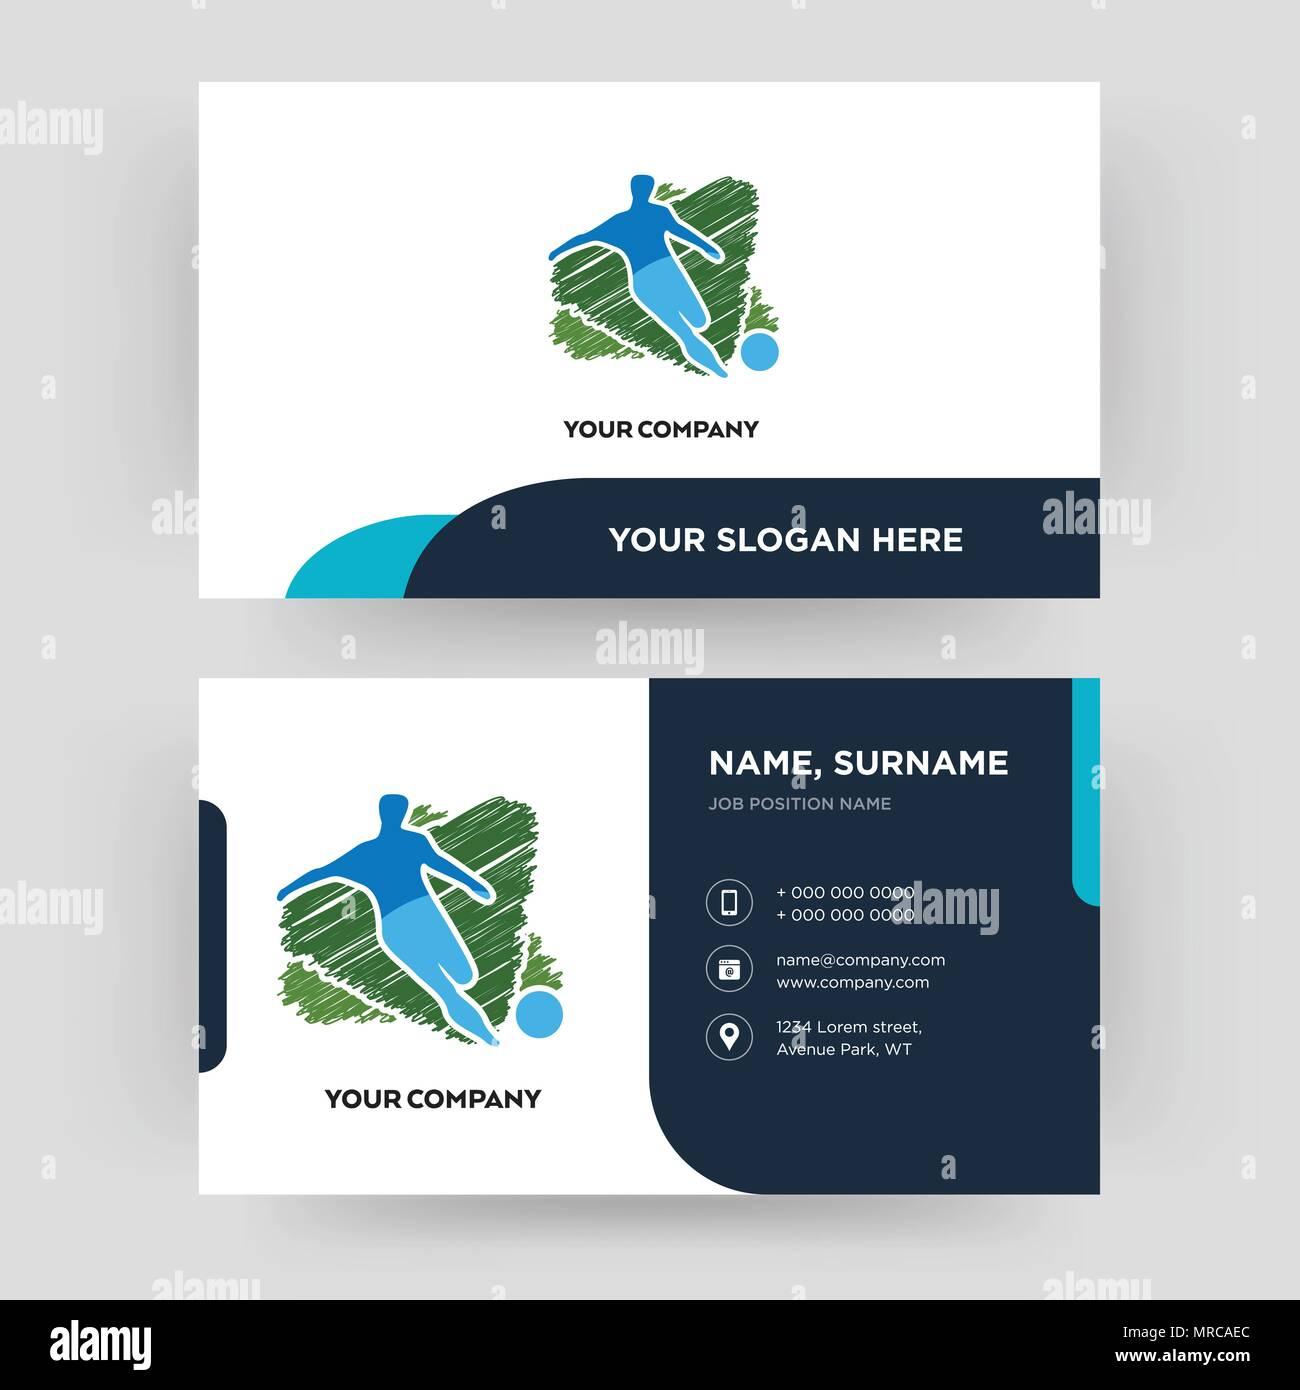 Football Carte De Visite Modele Conception Pour Votre Entreprise Creative Et Moderne Didentite Propre Vector